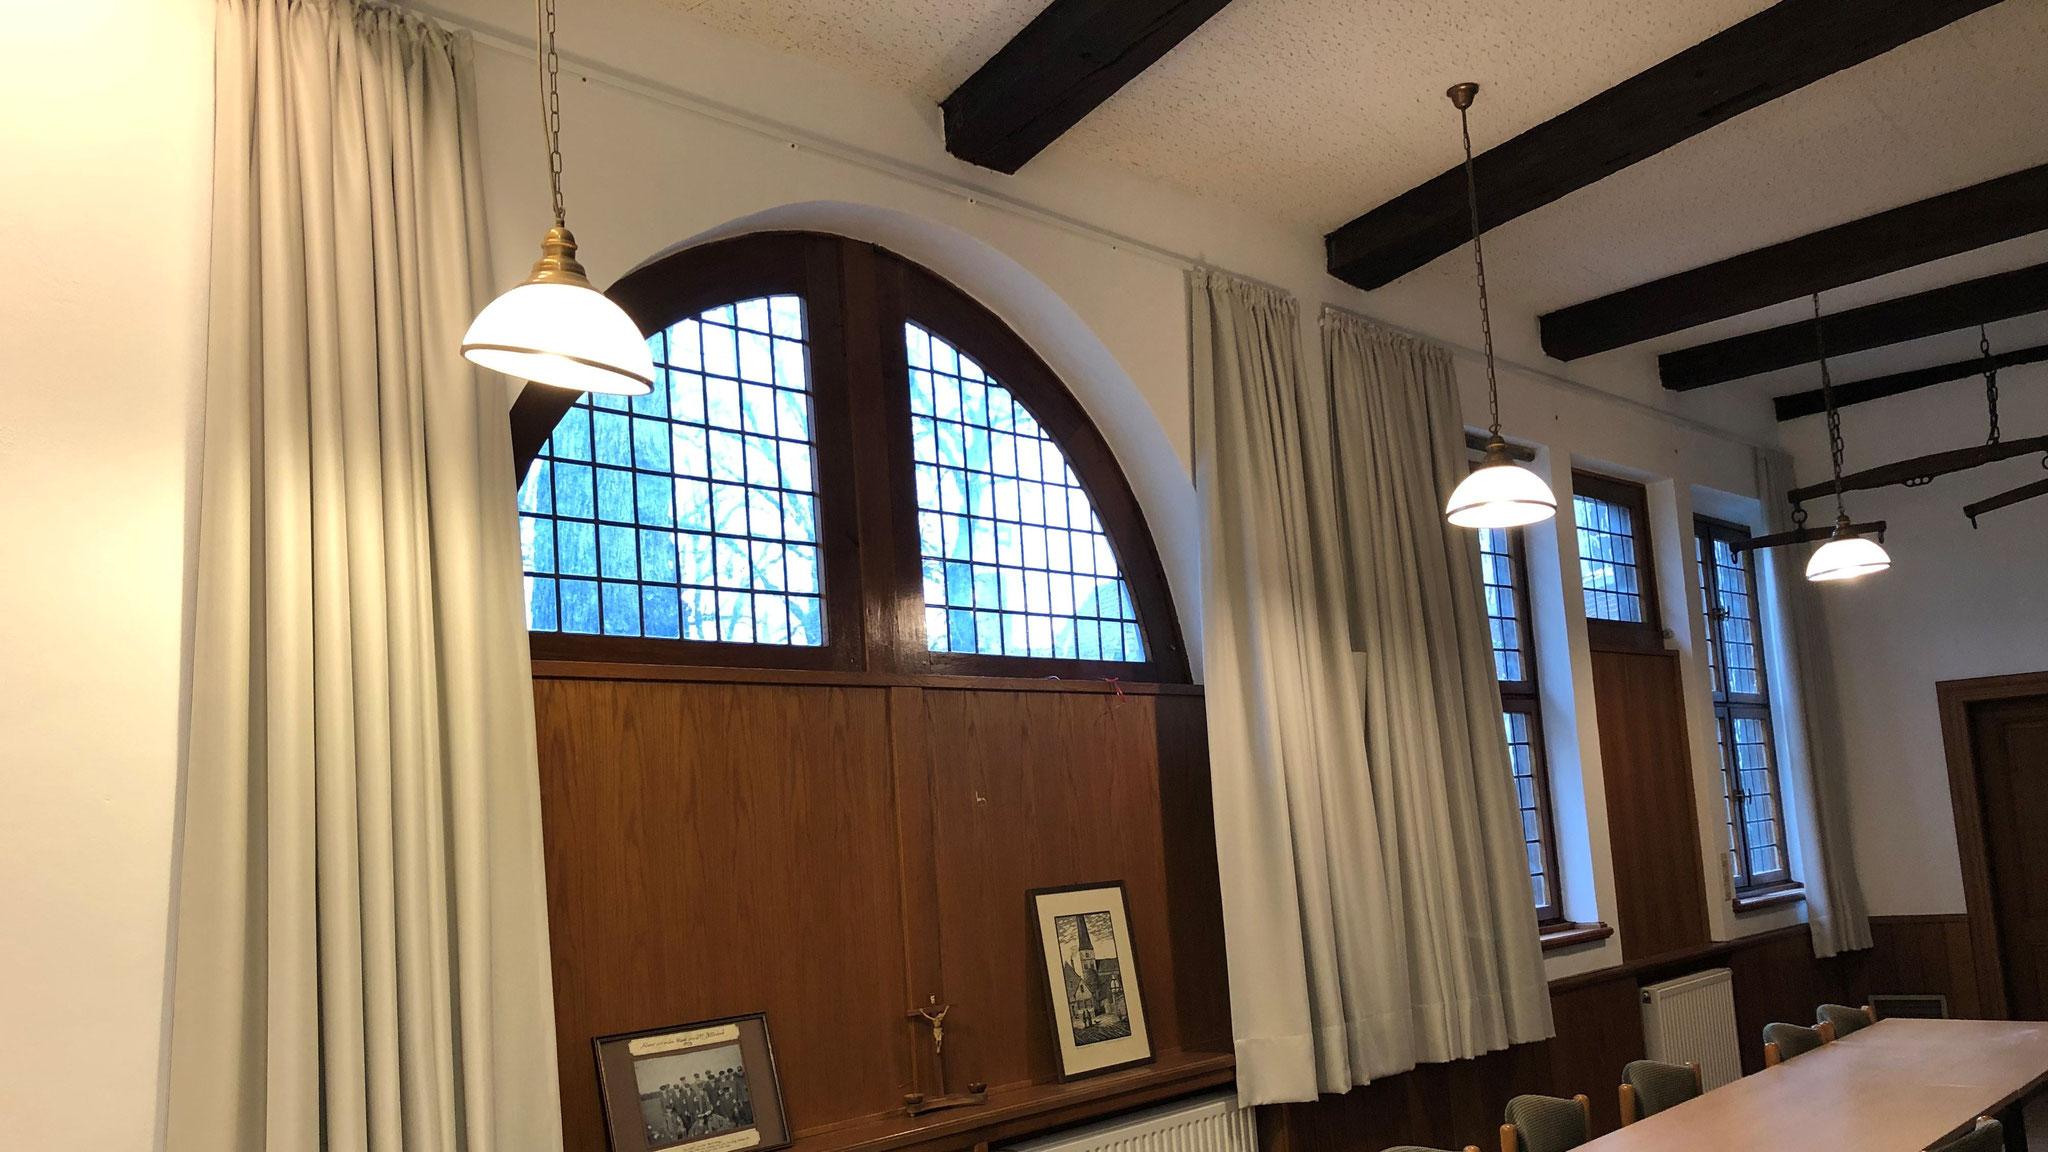 ...und den Raum mit neuen Verdunklungsvorhängen ausgestattet. Fotos: DRK-Ortsverein Billerbeck